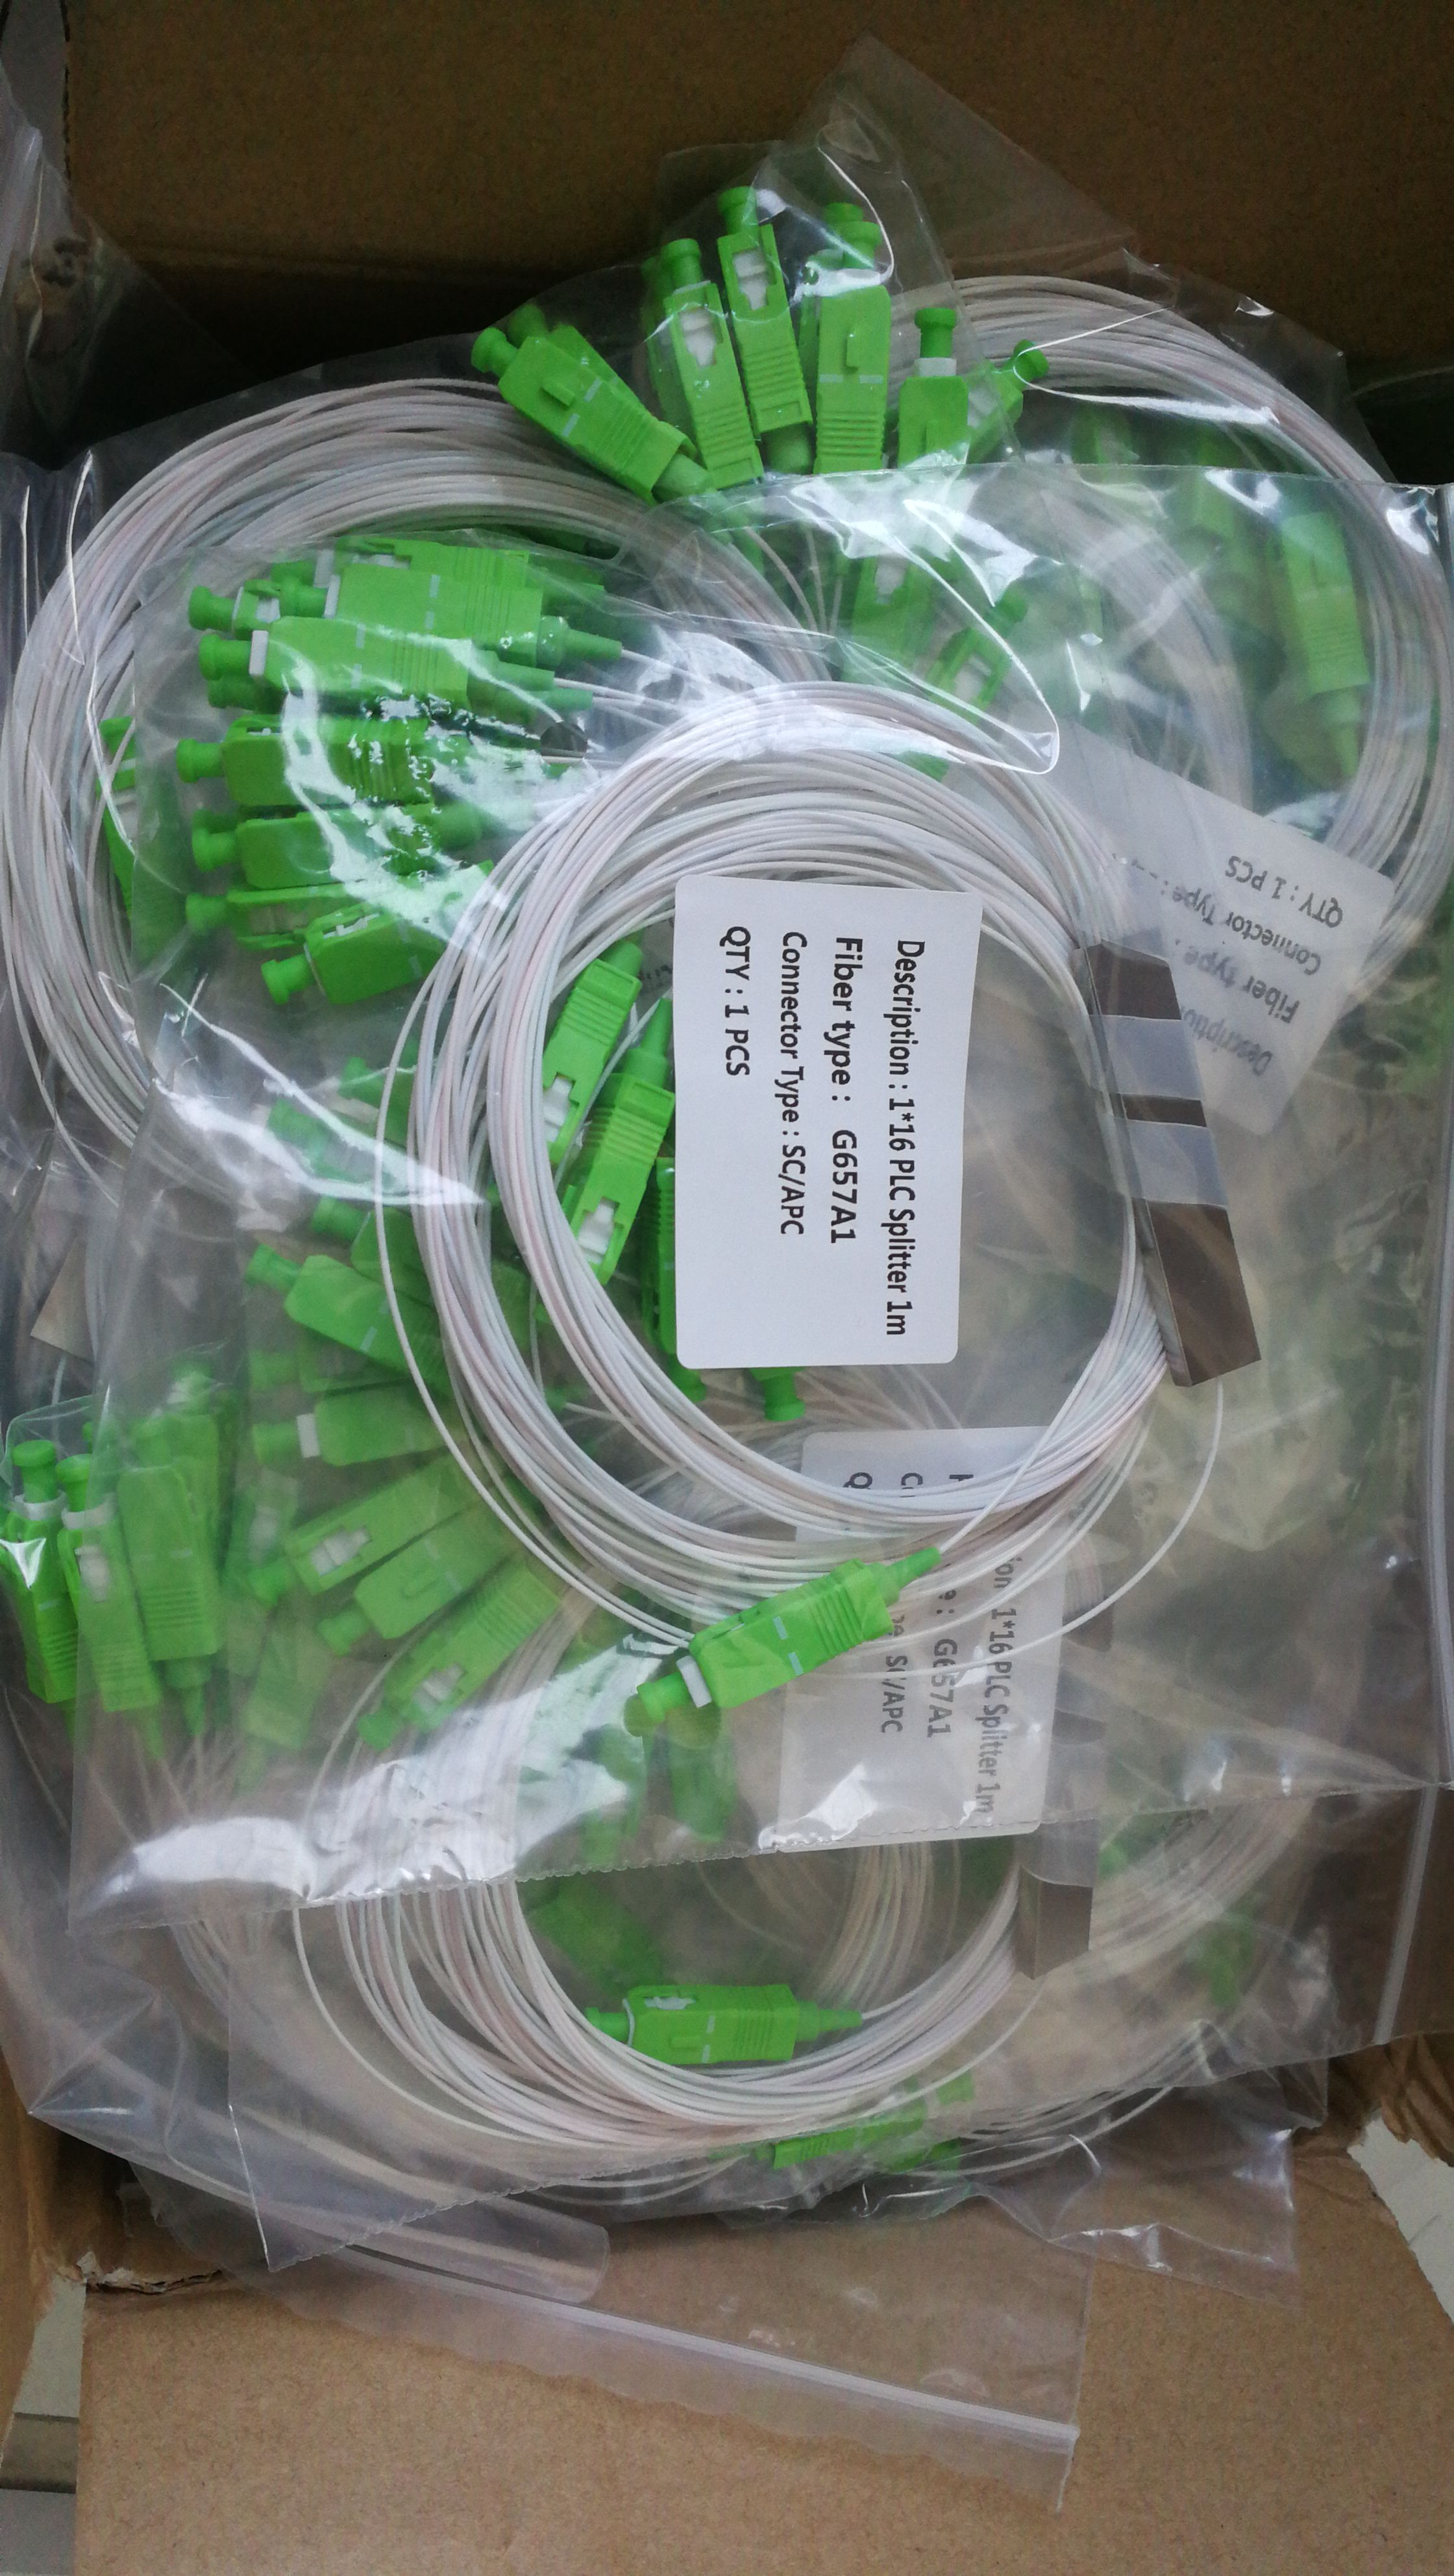 FTTH PLC Splitter 1X16/SC/APC SM 0,9mm G657A1 de PVC de 1m de fibra óptica divisor SC APC Tela de malla autoadhesiva de 5cm, 8cm, 10cm de ancho, herramientas de mosaico de fibra de vidrio blanca, junta de rejilla resistente a roturas, fibra de vidrio DIY para contrapunto